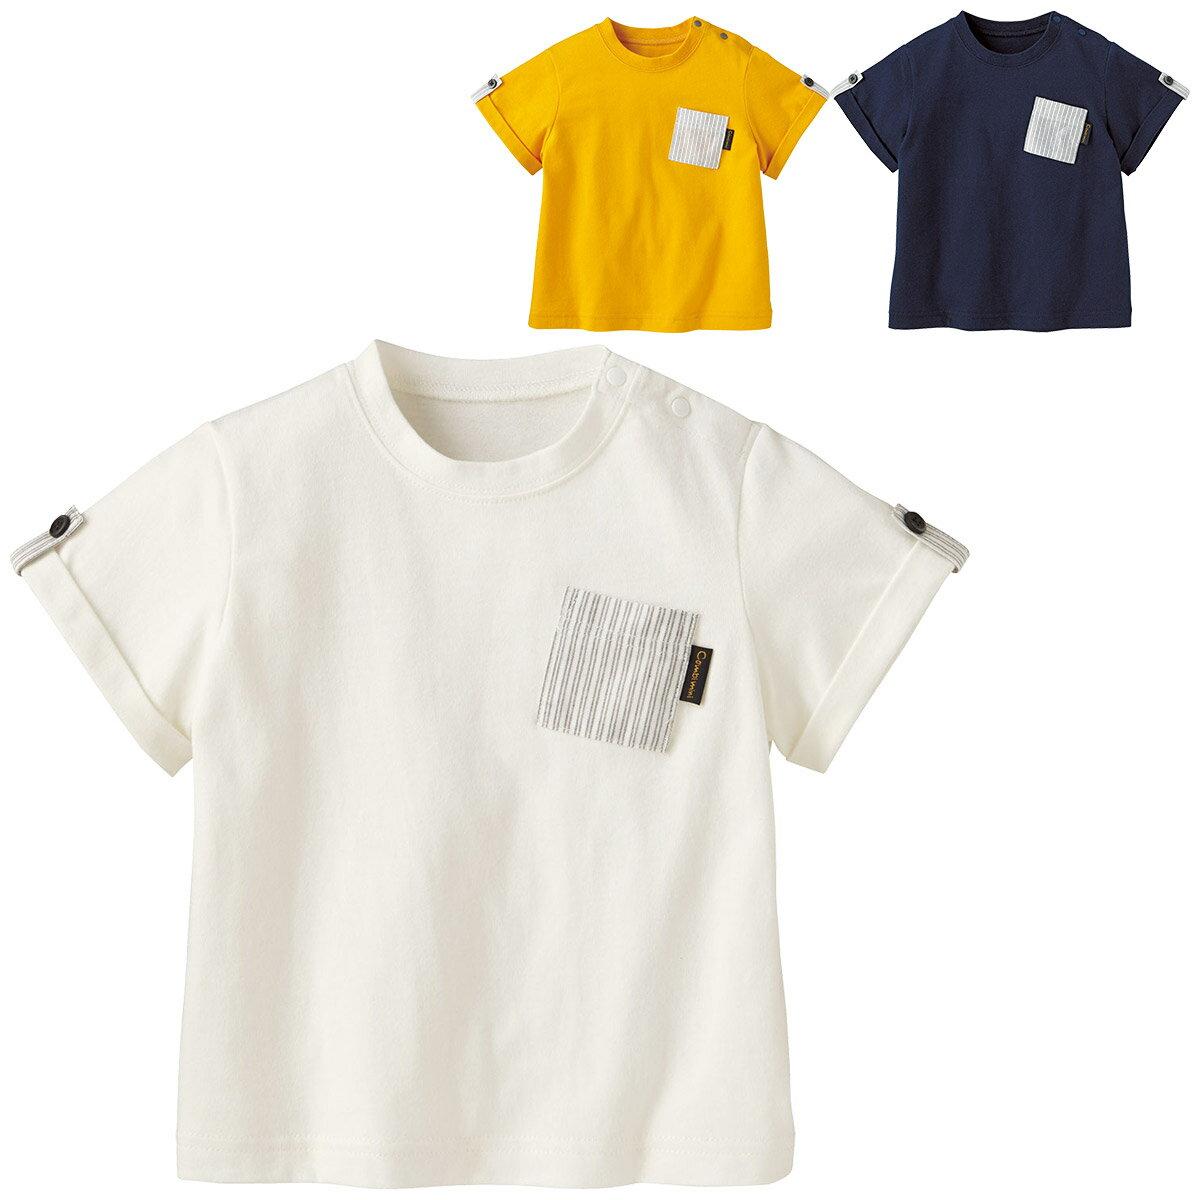 【40%OFF】 リラックス半袖Tシャツ《コンビミニ》ギフト ベビー服 子供服 Combi mini 男の子 女の子   赤ちゃん 春夏 夏服 おしゃれ ブランド 男児 Tシャツ 女児 トップス ティーシャツ 洋服 ベビーウェア かわいい ティシャツ 夏物